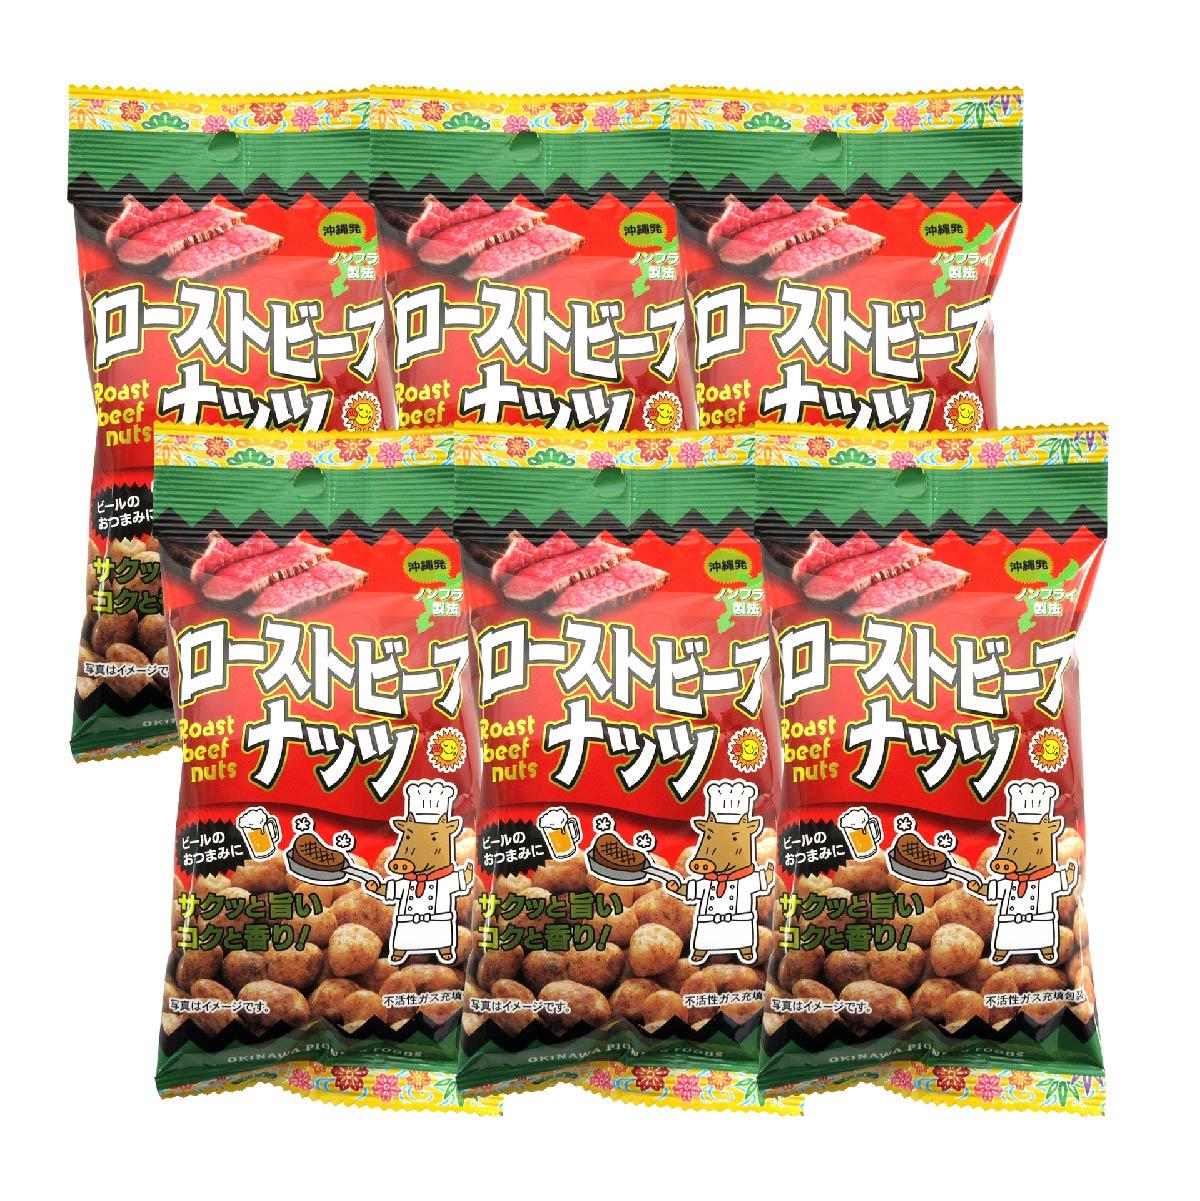 【メール便 送料無料】 ローストビーフナッツ 40g×6袋セット